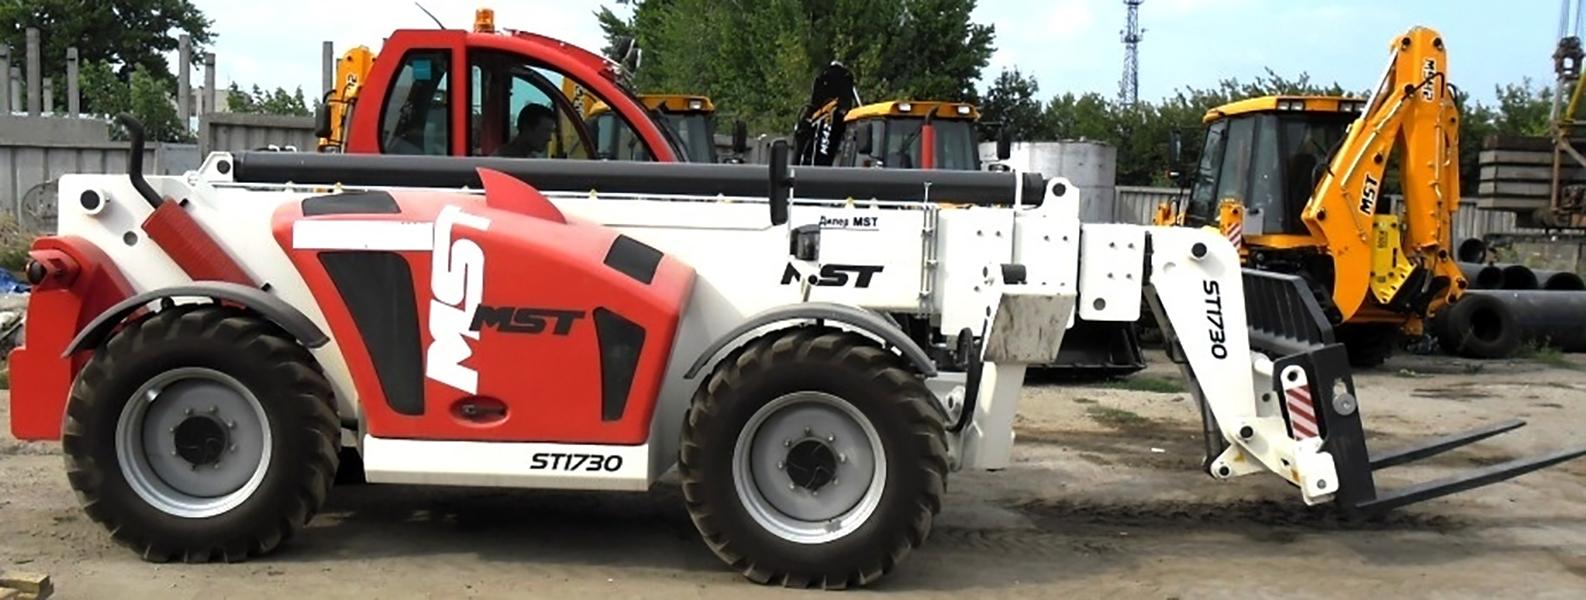 Телескопічний навантажувач MST ST 17.30